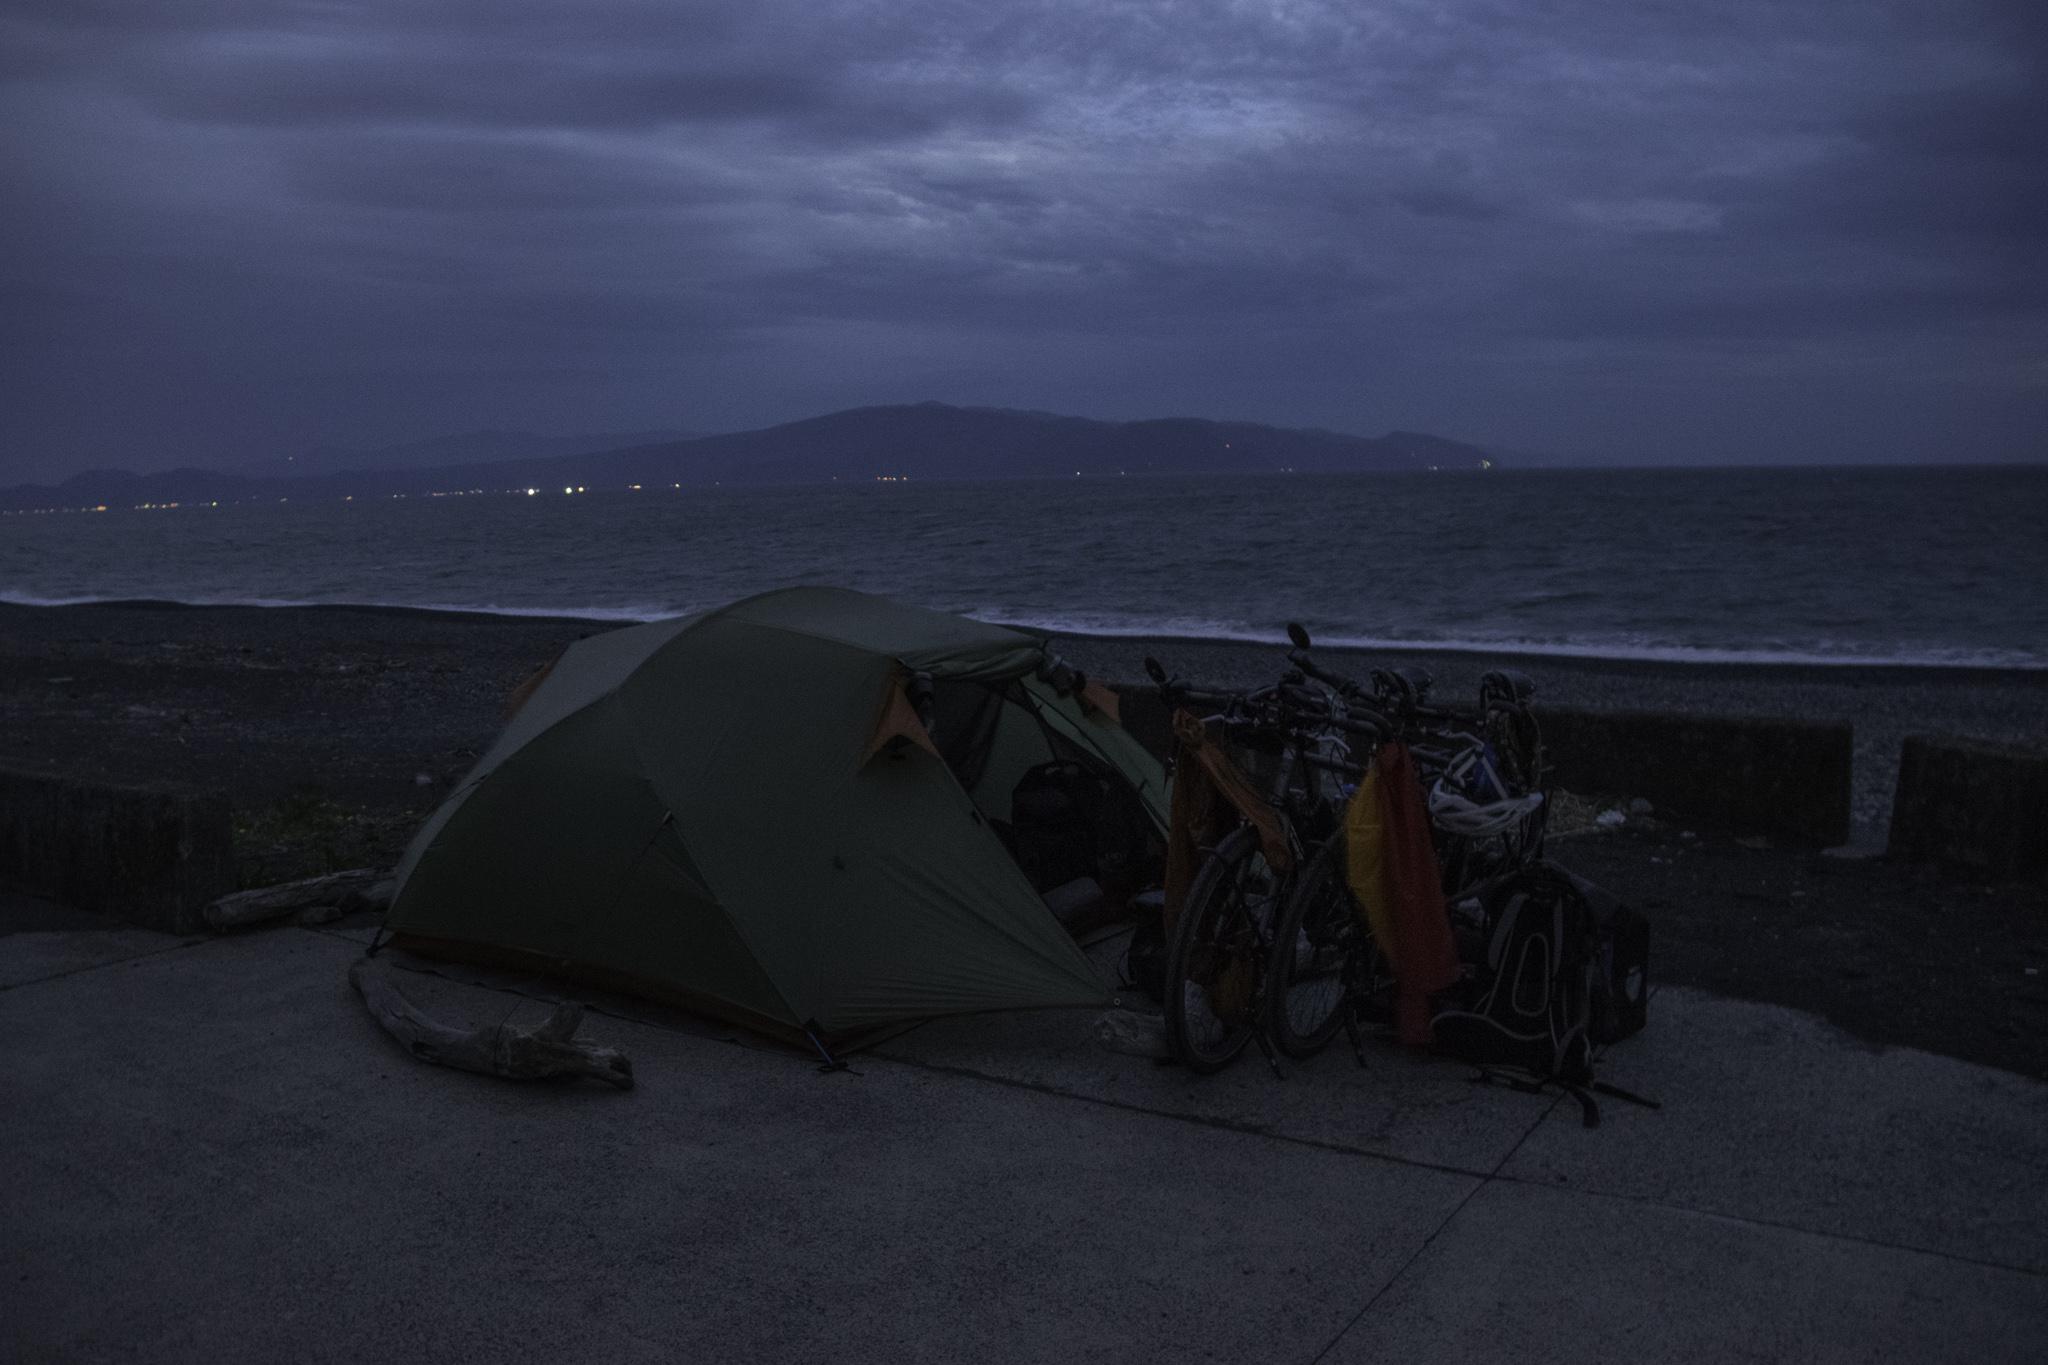 ...wird aber zum Abspannen des Zelts gegen den starken Wind benötigt.